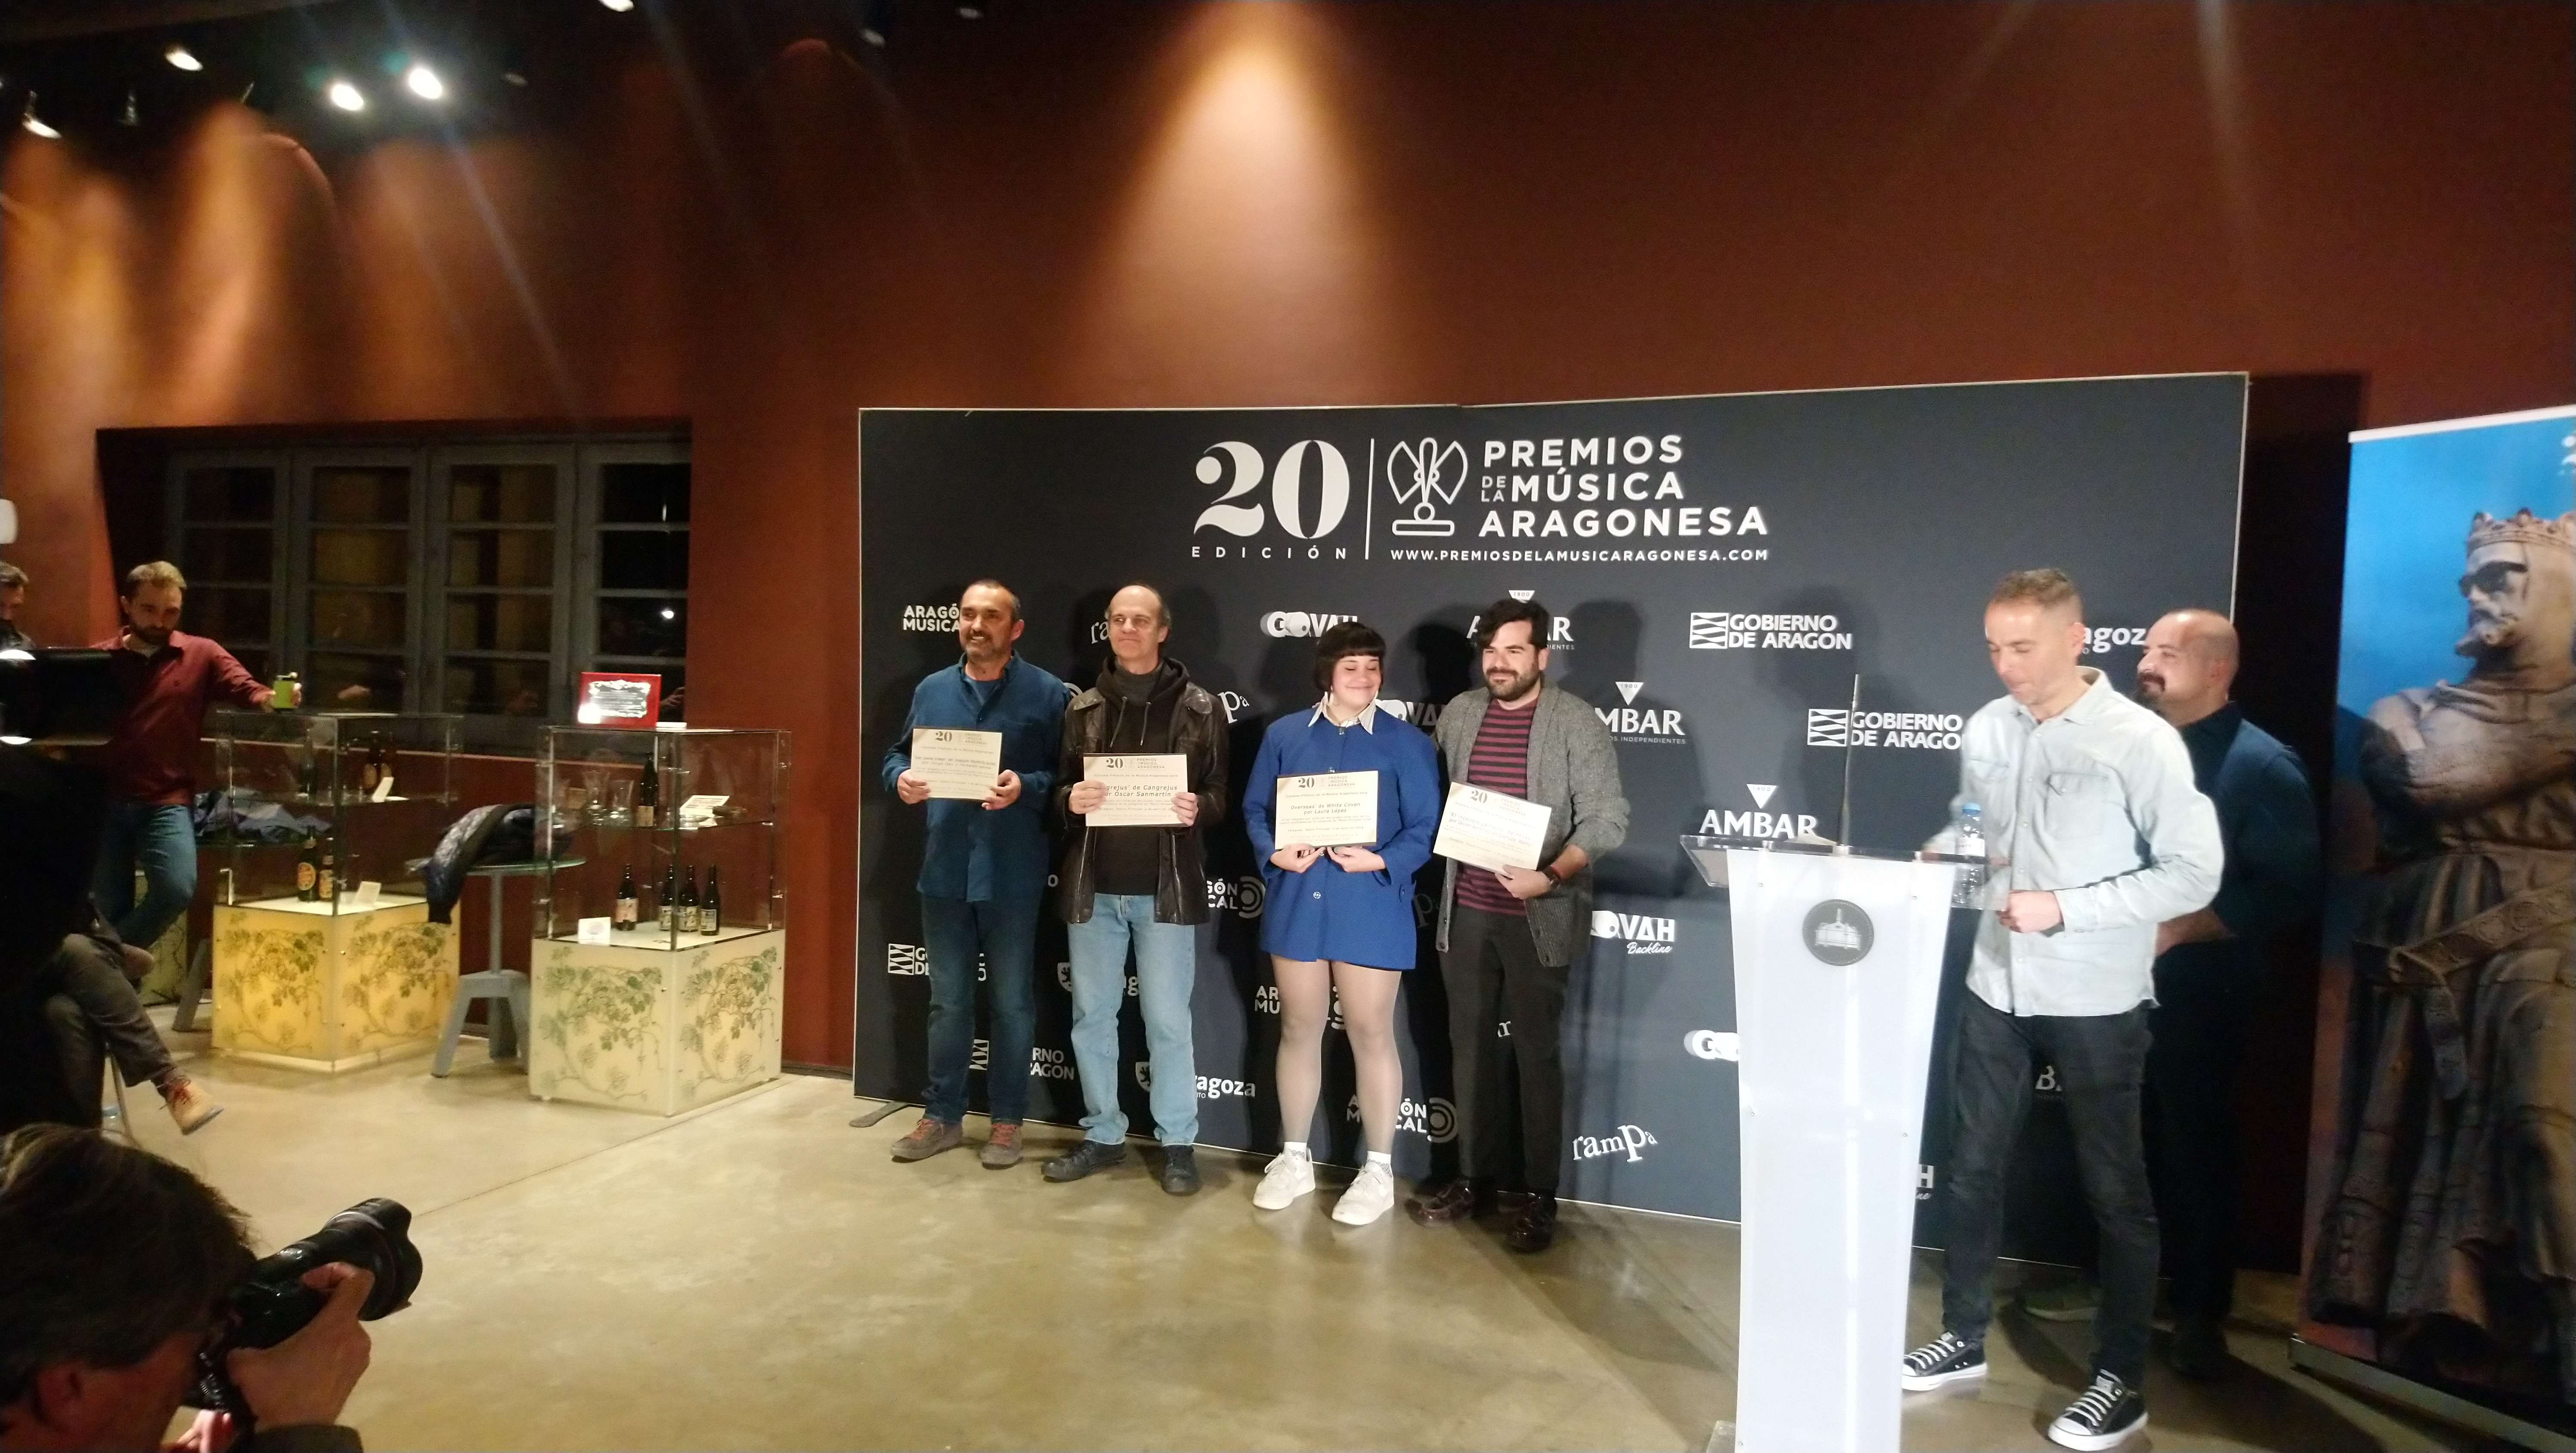 XX Premios de la Música Aragonesa. Nominados a Mejor Portada.